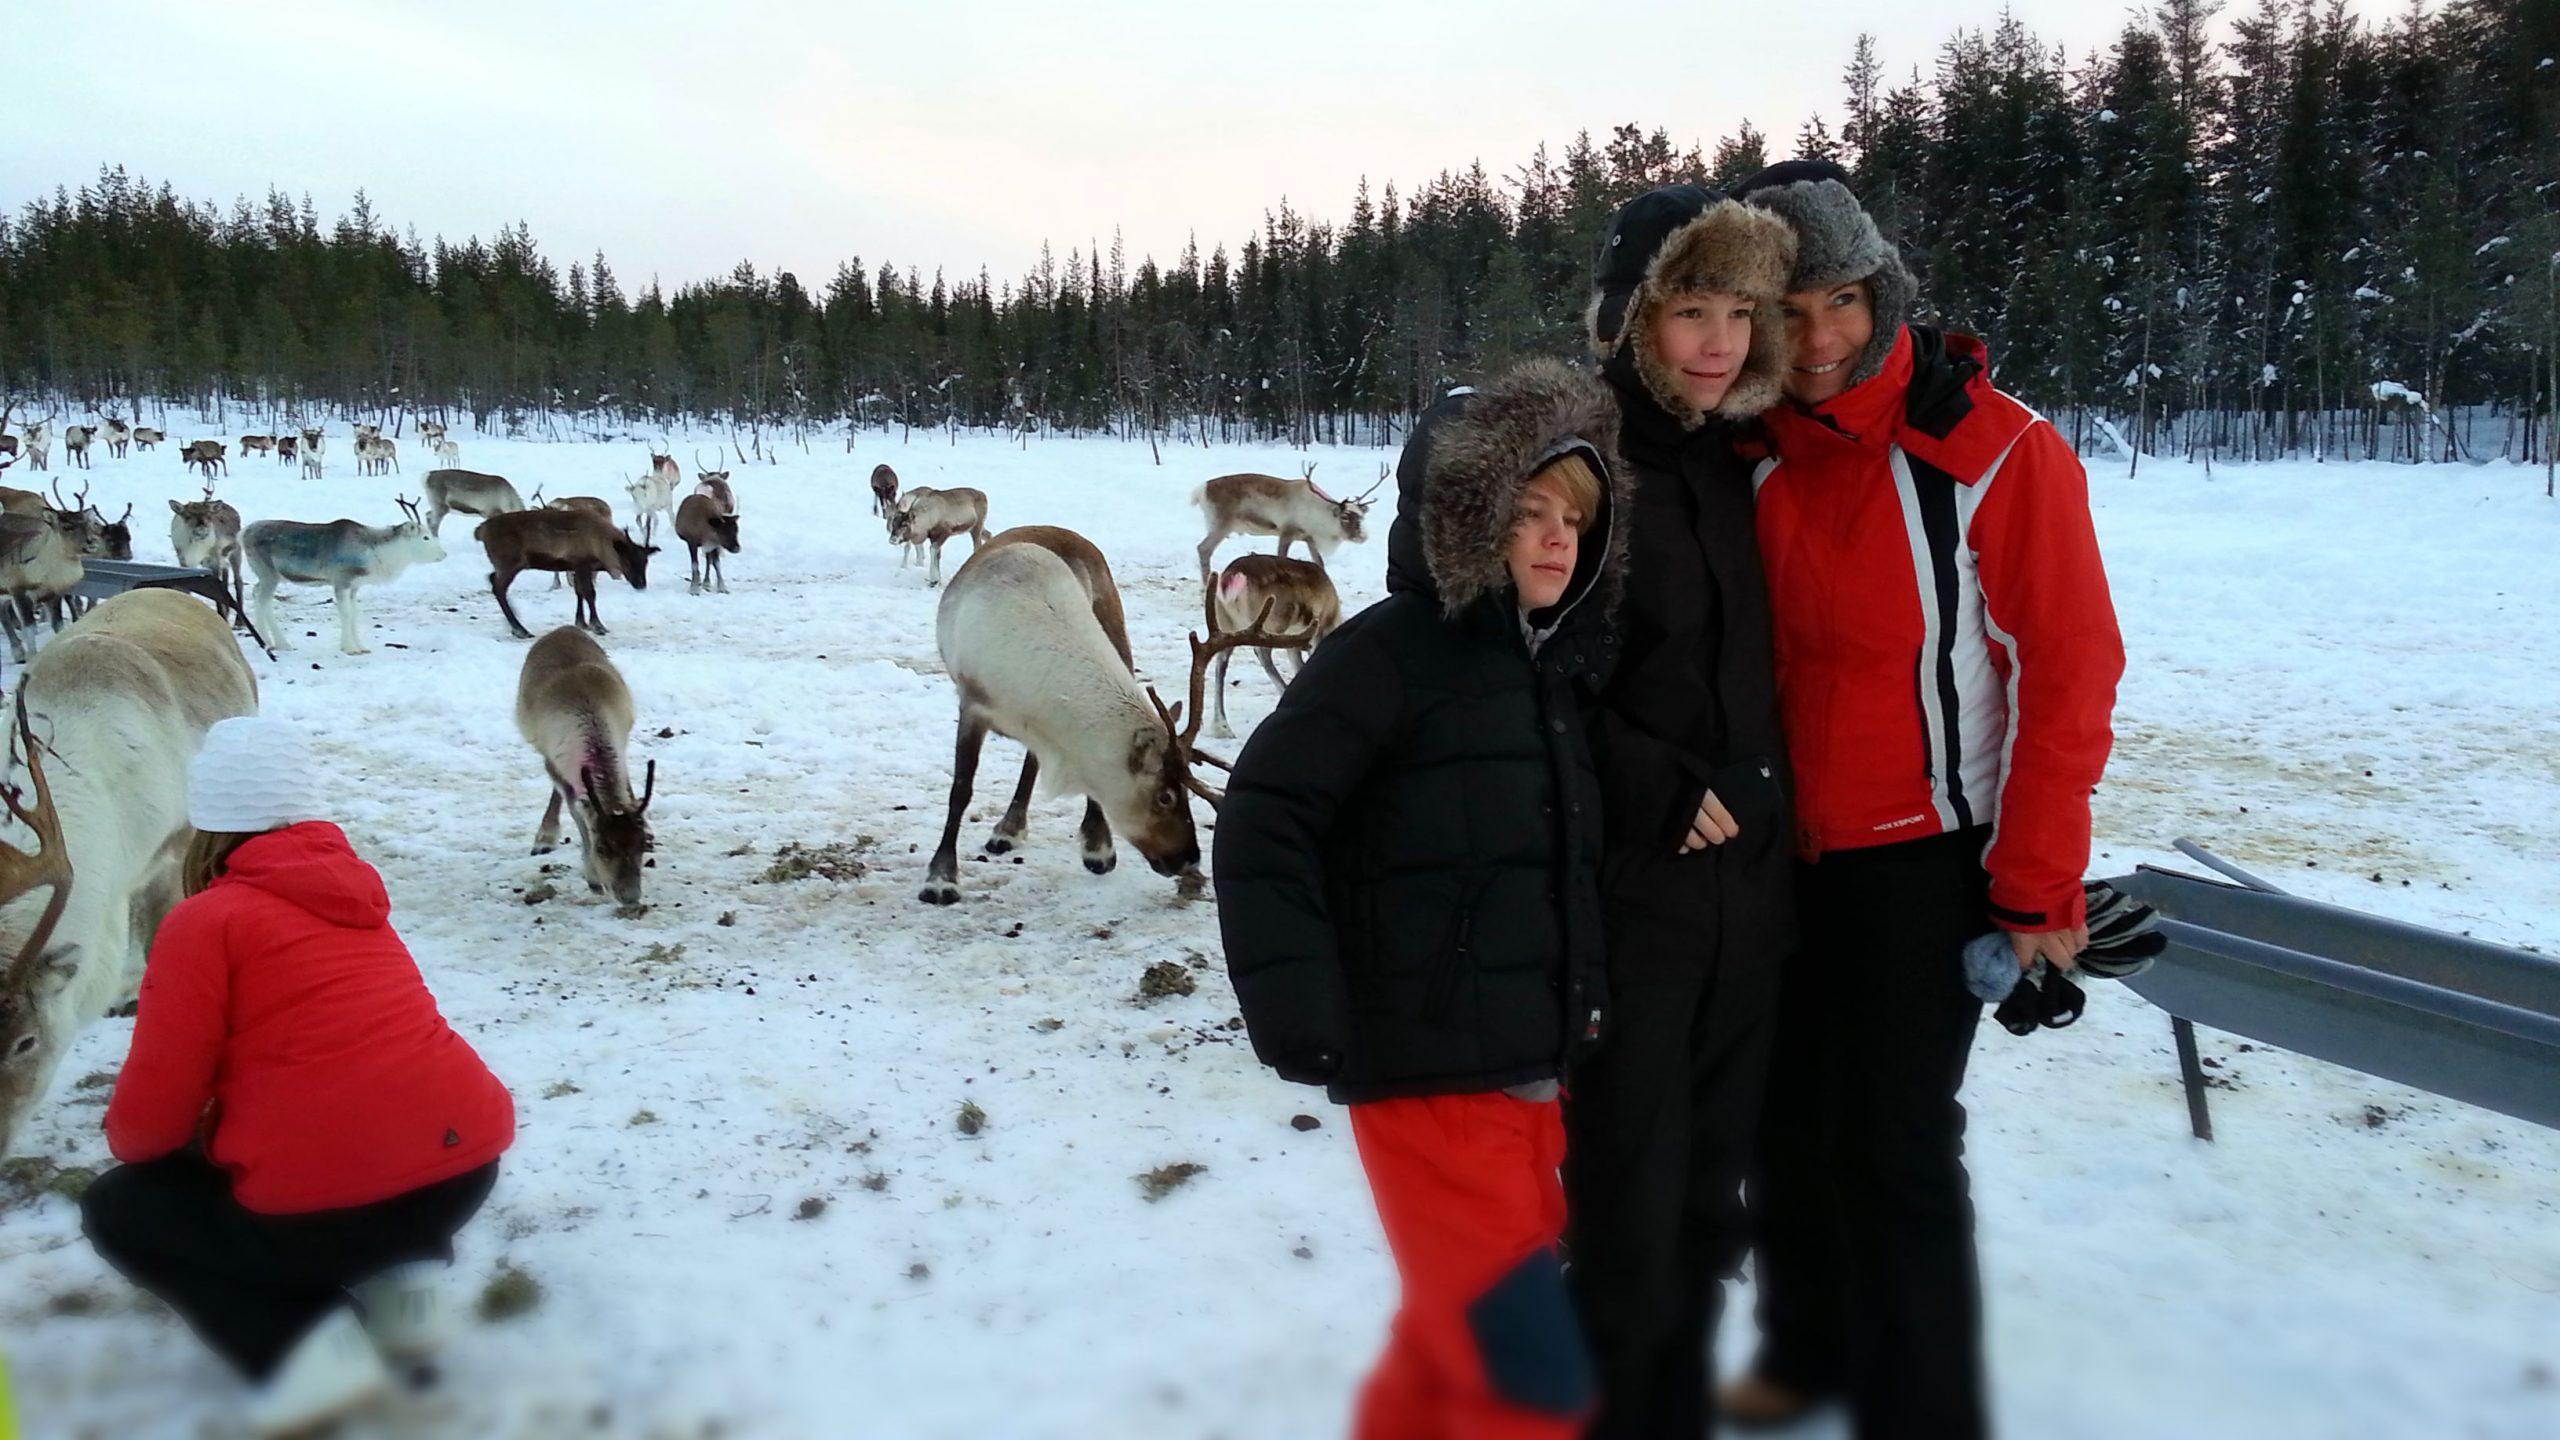 JokkmokkArcticDream-visitLänta-Belgianfamily